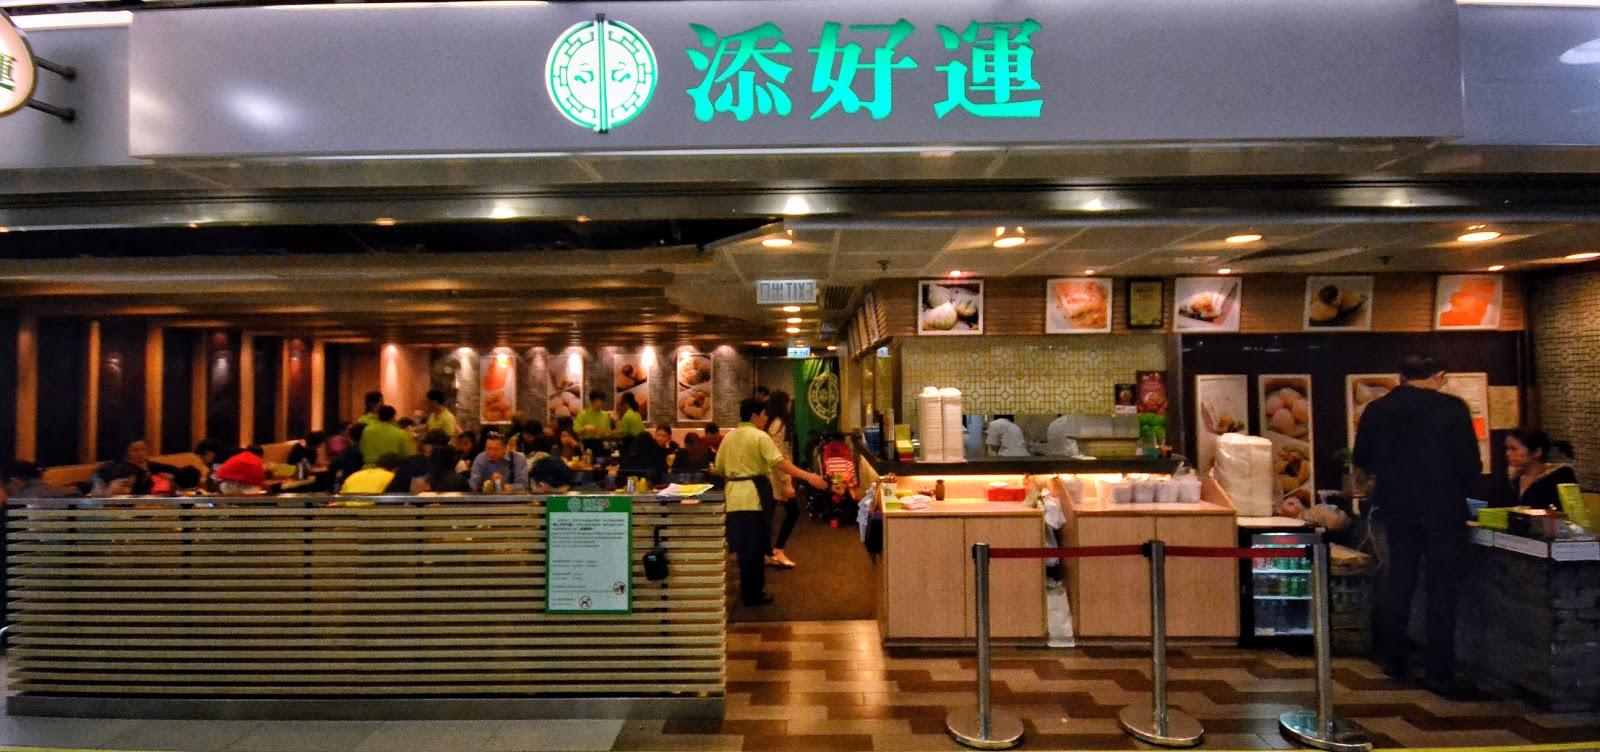 Tim Ho Wan Ifc Central Hong Kong Hungry Hong Kong